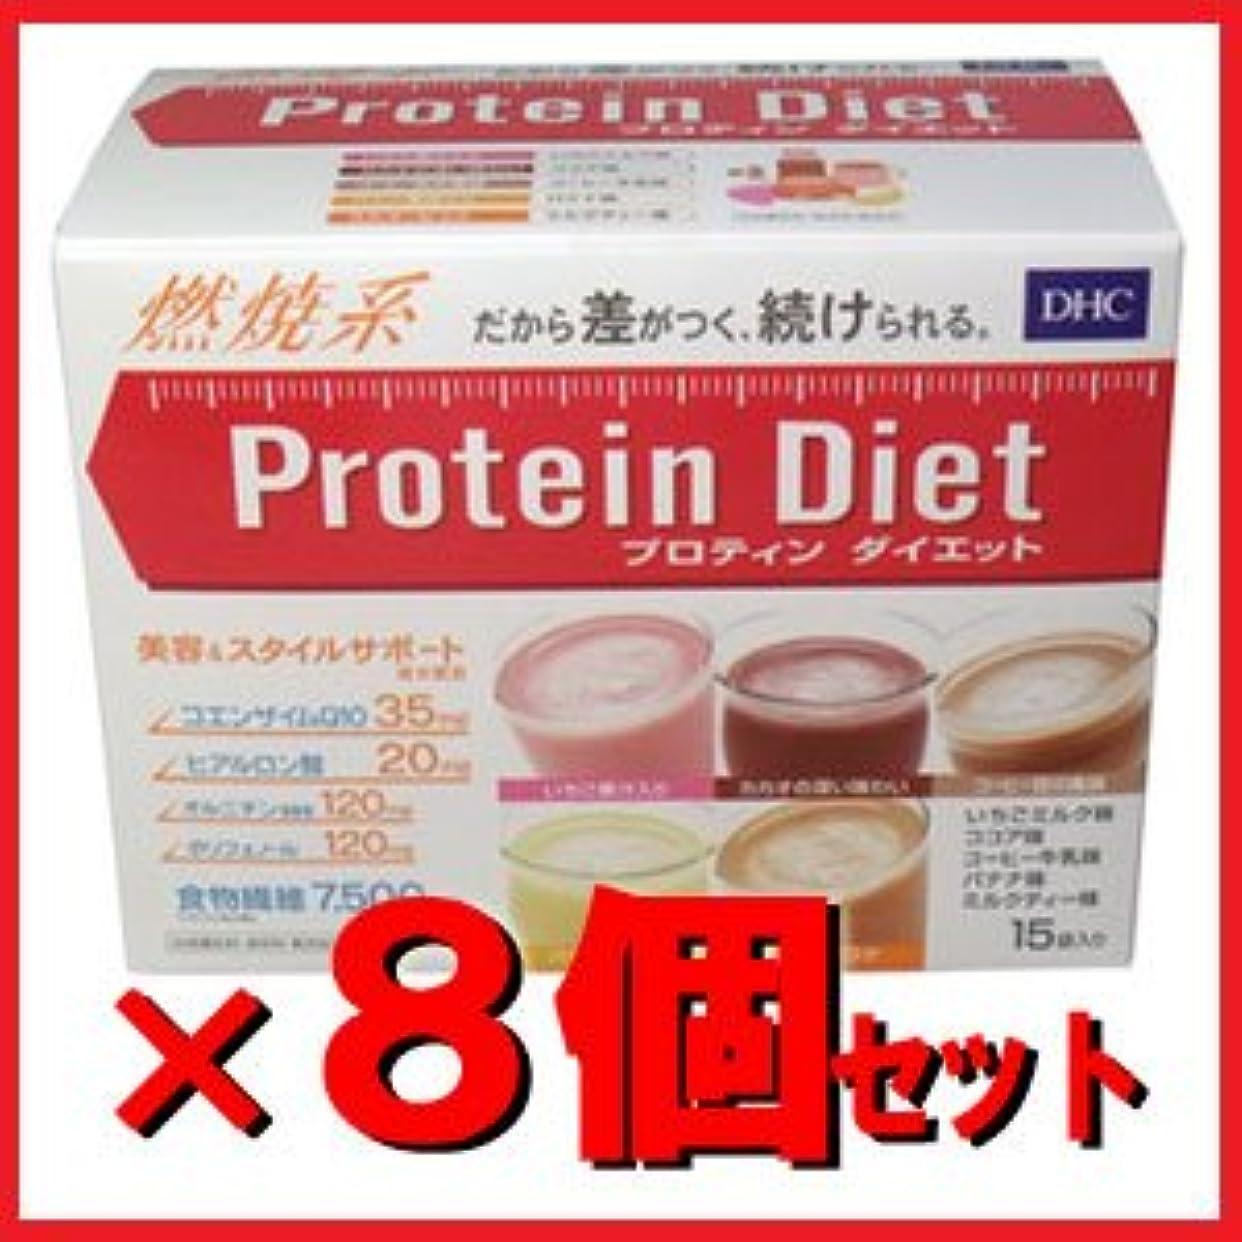 アサーレッスンええDHC プロティンダイエット 15袋入 × 8箱セット [ヘルスケア&ケア用品]